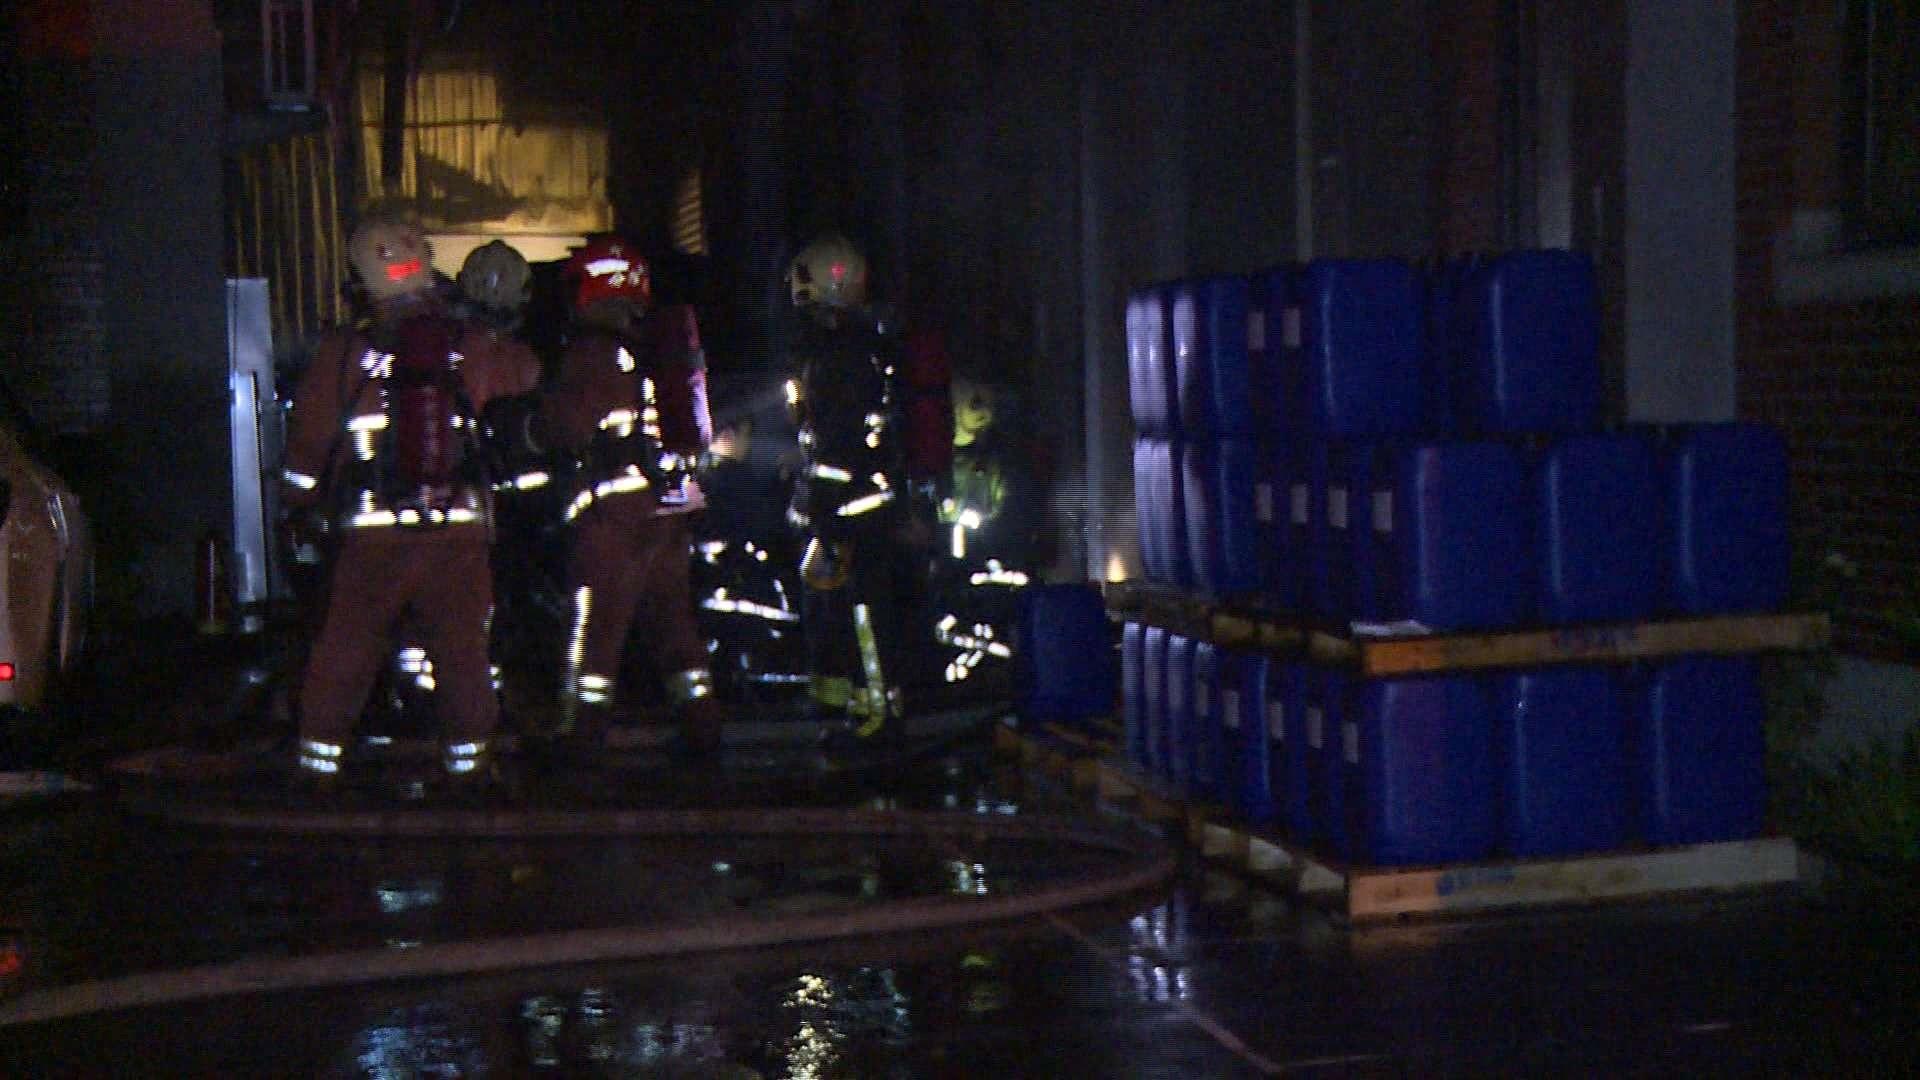 林口電子工廠暗夜火警 幸及時控制無人傷